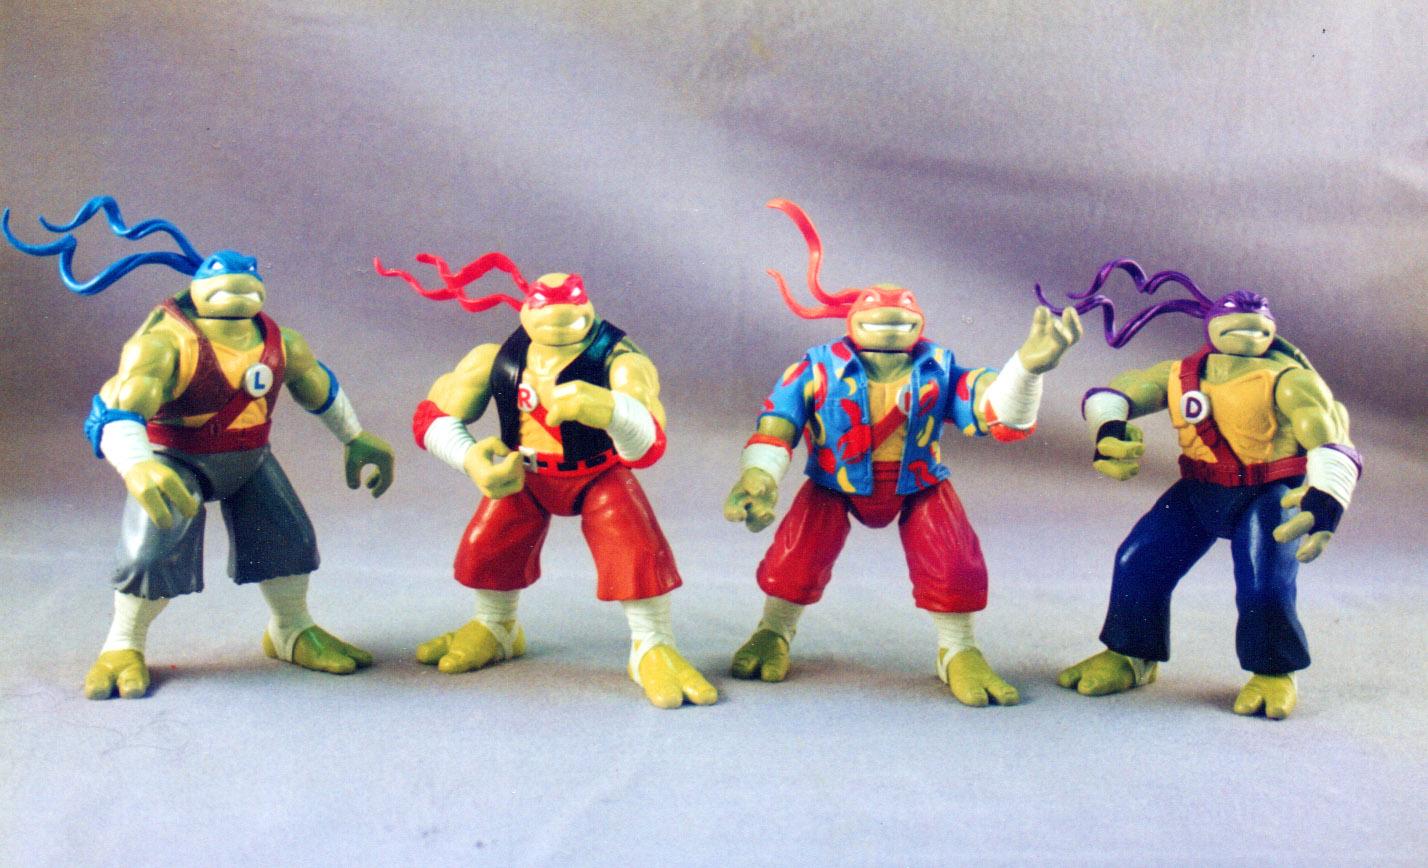 MC Hammer Turtles - Turtles in Gee